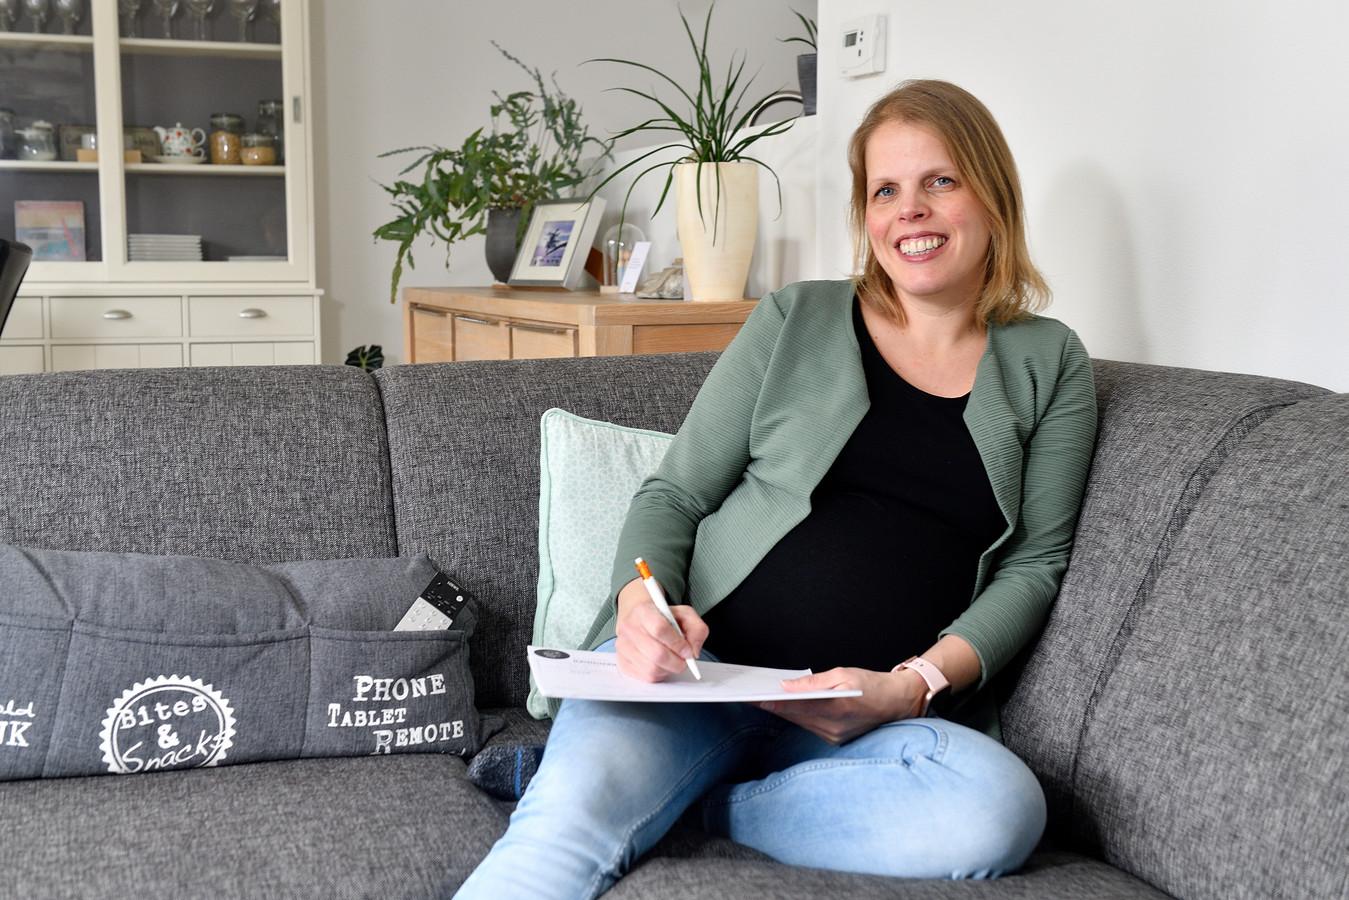 Door met haar weekplanner voldoende rustmomenten in te plannen tijdens de werkdagen, kan Evelien Ruijtenberg (37) haar het werk nu goed volhouden.